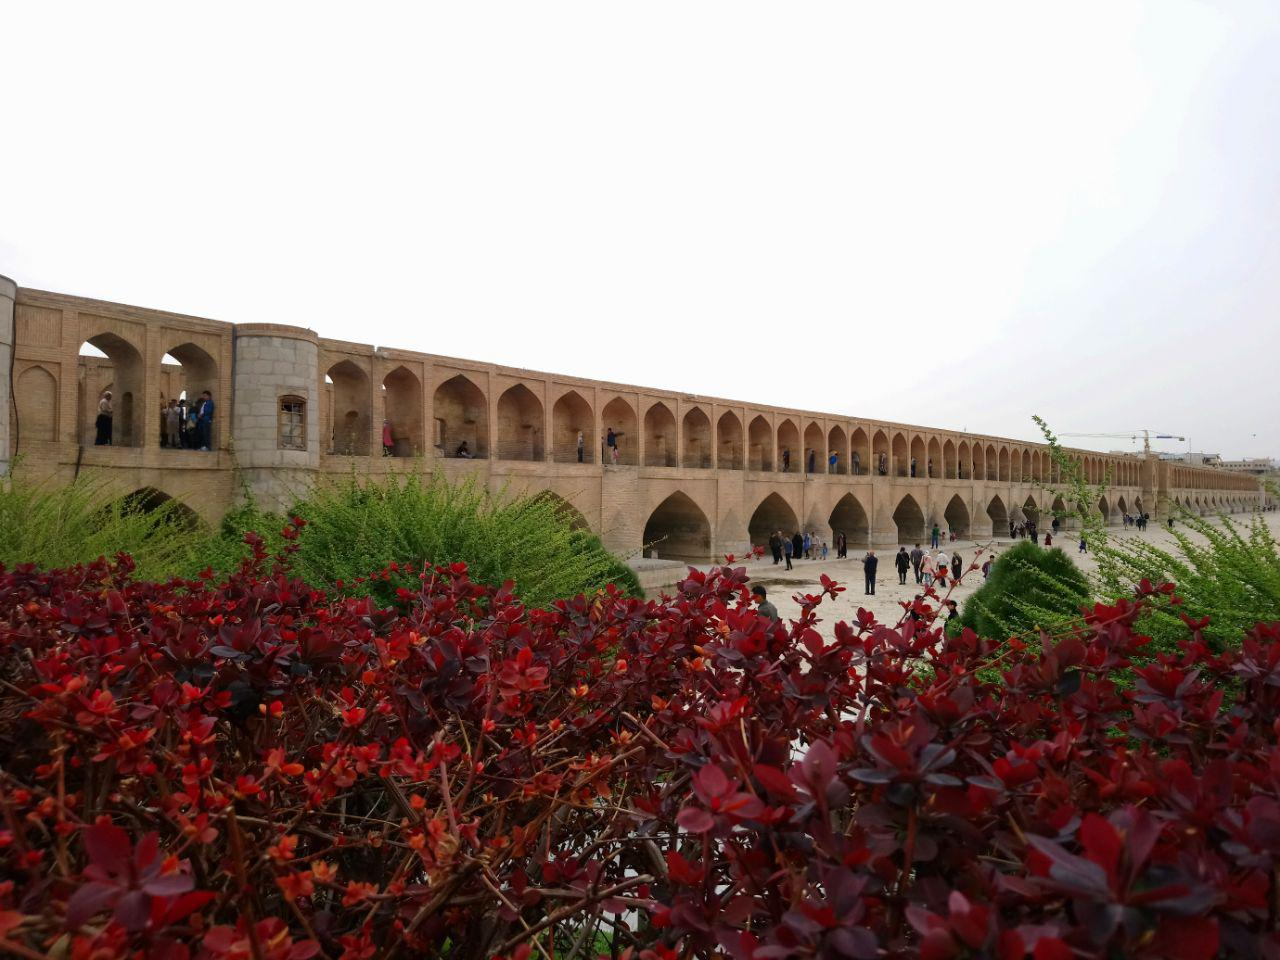 تور اصفهان سفری به نصف جهان نوروز 99